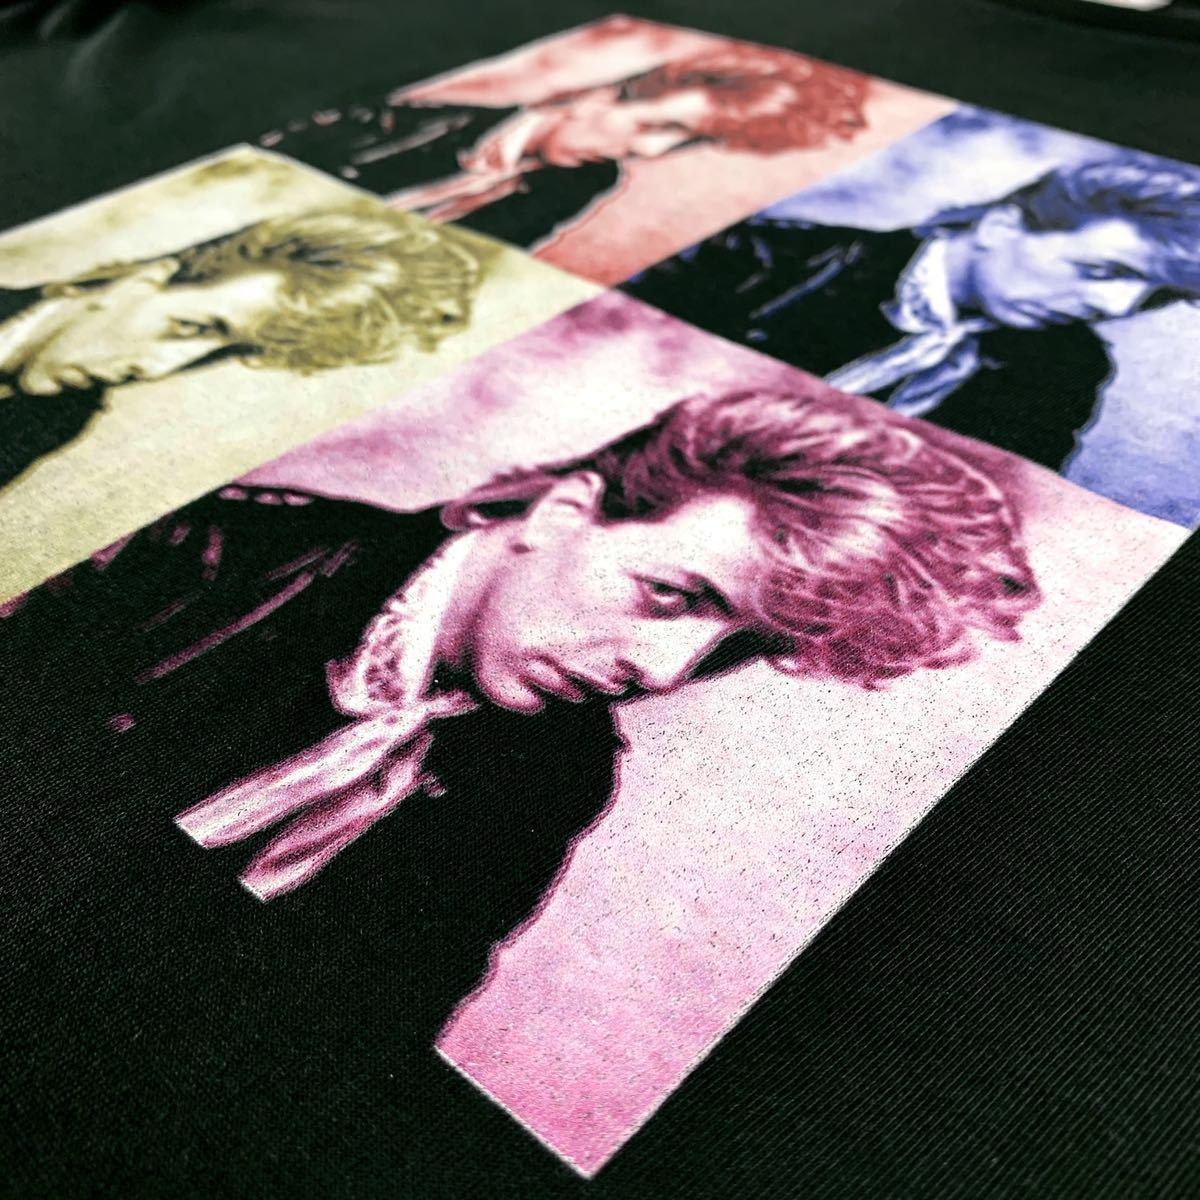 新品 ブライアンセッツァー カラフル ポップ アート ロカビリー バンド 黒 Tシャツ S M L XL ビッグ オーバー サイズ XXL~5XL ロンT 対応_画像8